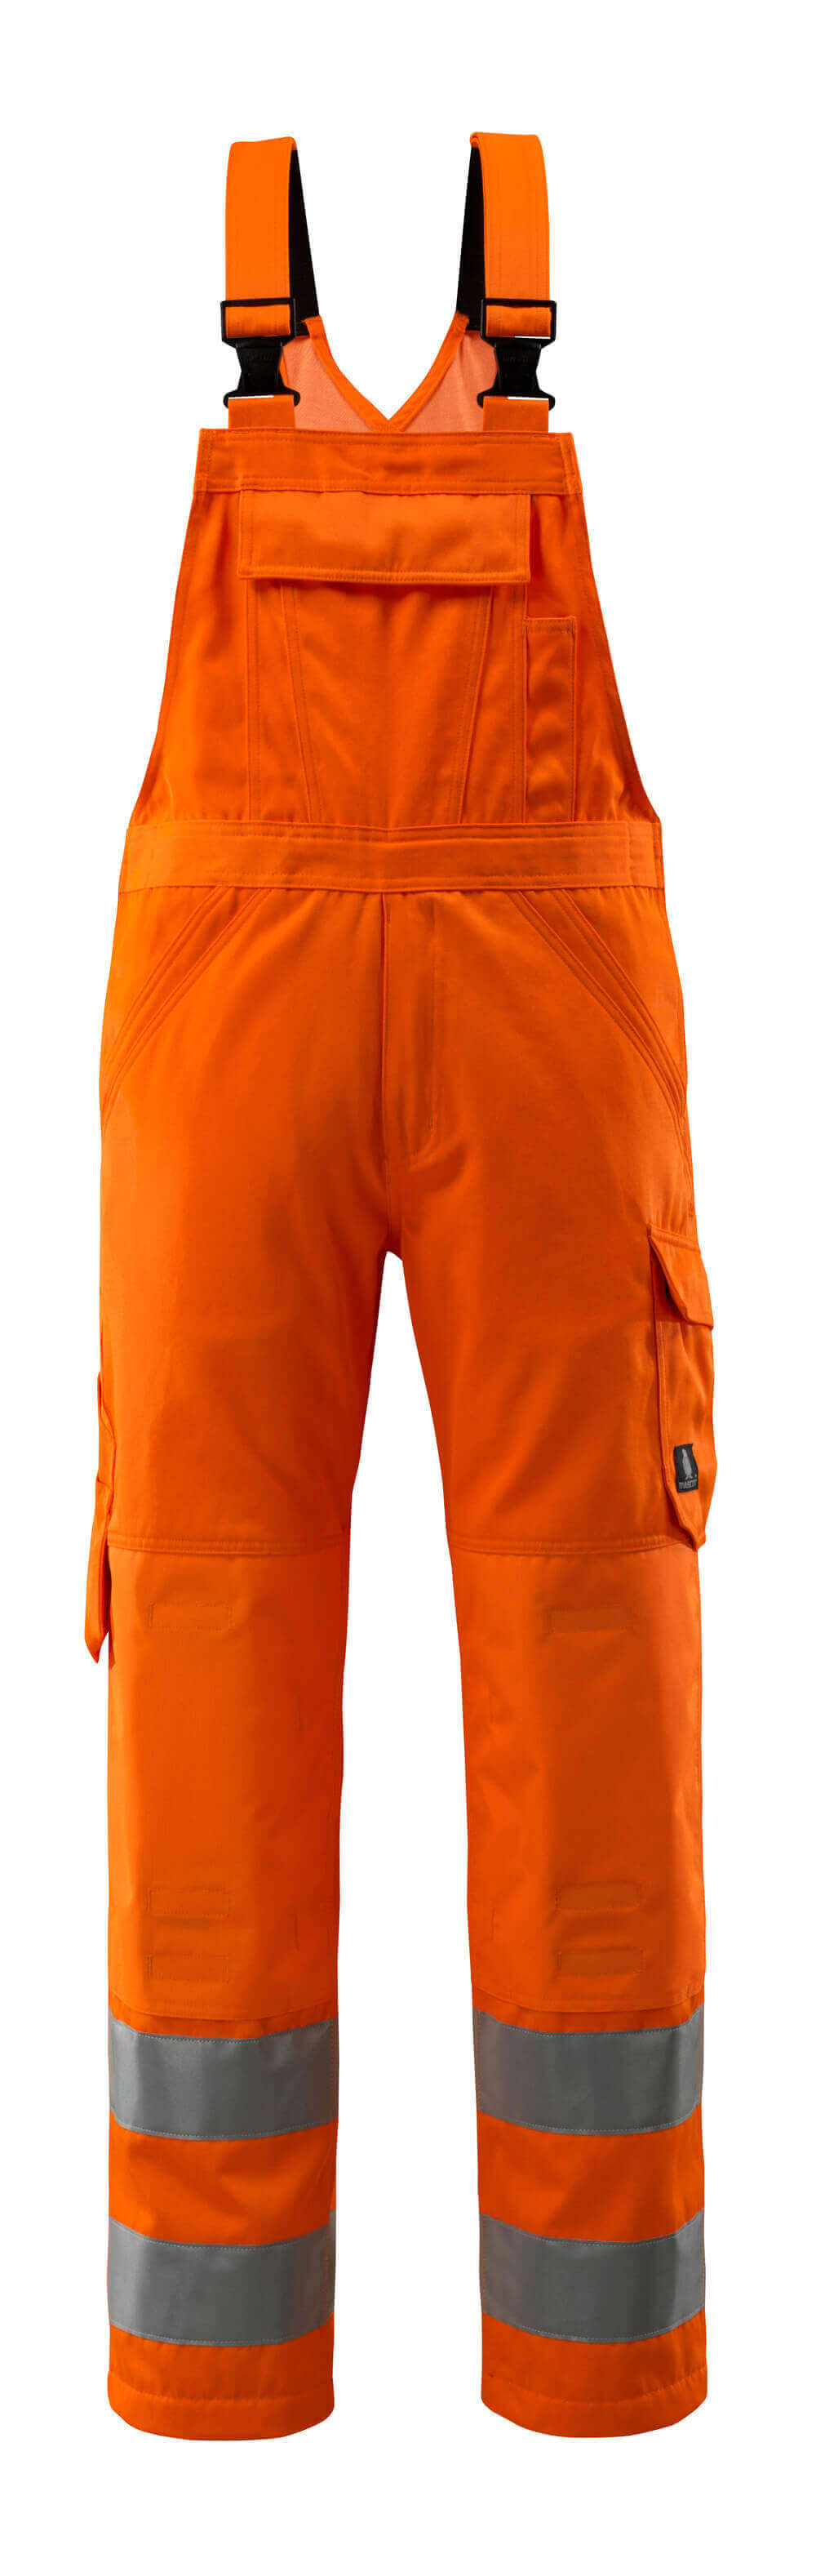 16869-860-14 Hängselbyxor med knäfickor - hi-vis orange